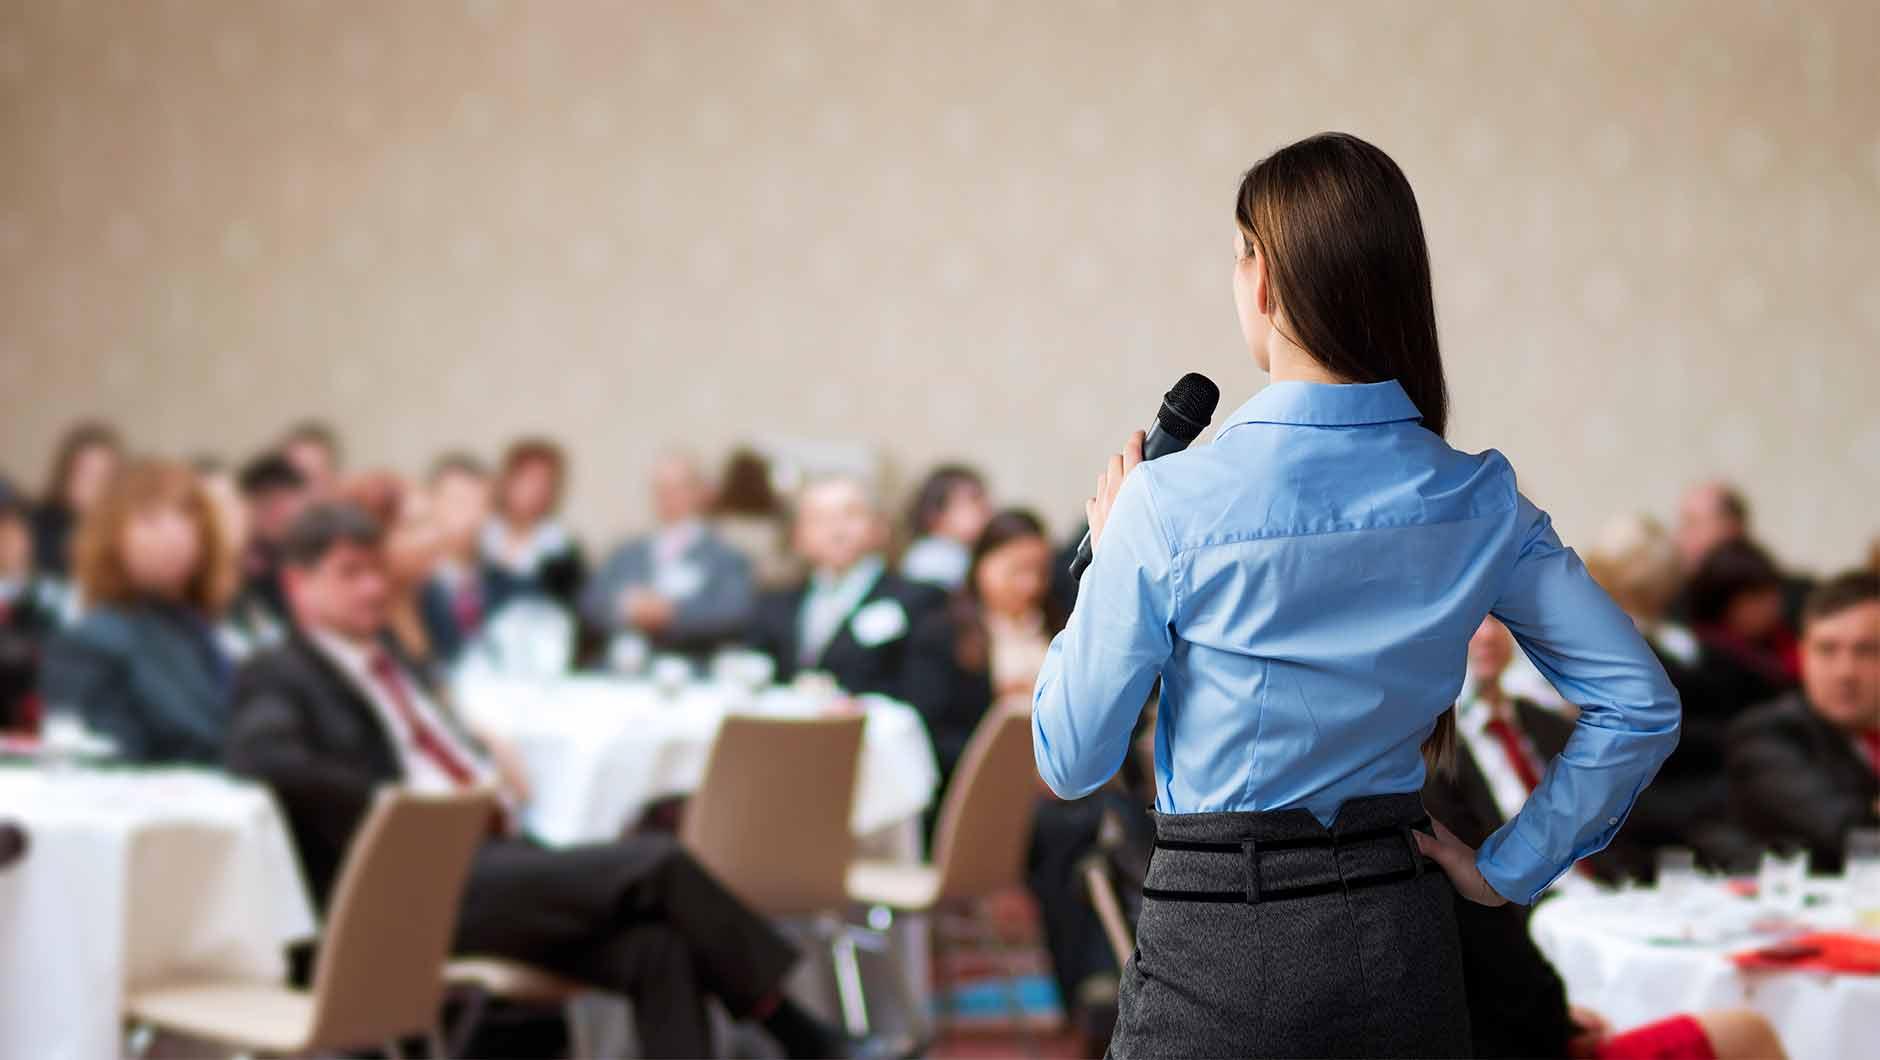 Организация мероприятий для бизнес спикеров: бизнес-тренеров, менеджеров, маркетологов, коучей, психологов, инвесторов, предпринимателей